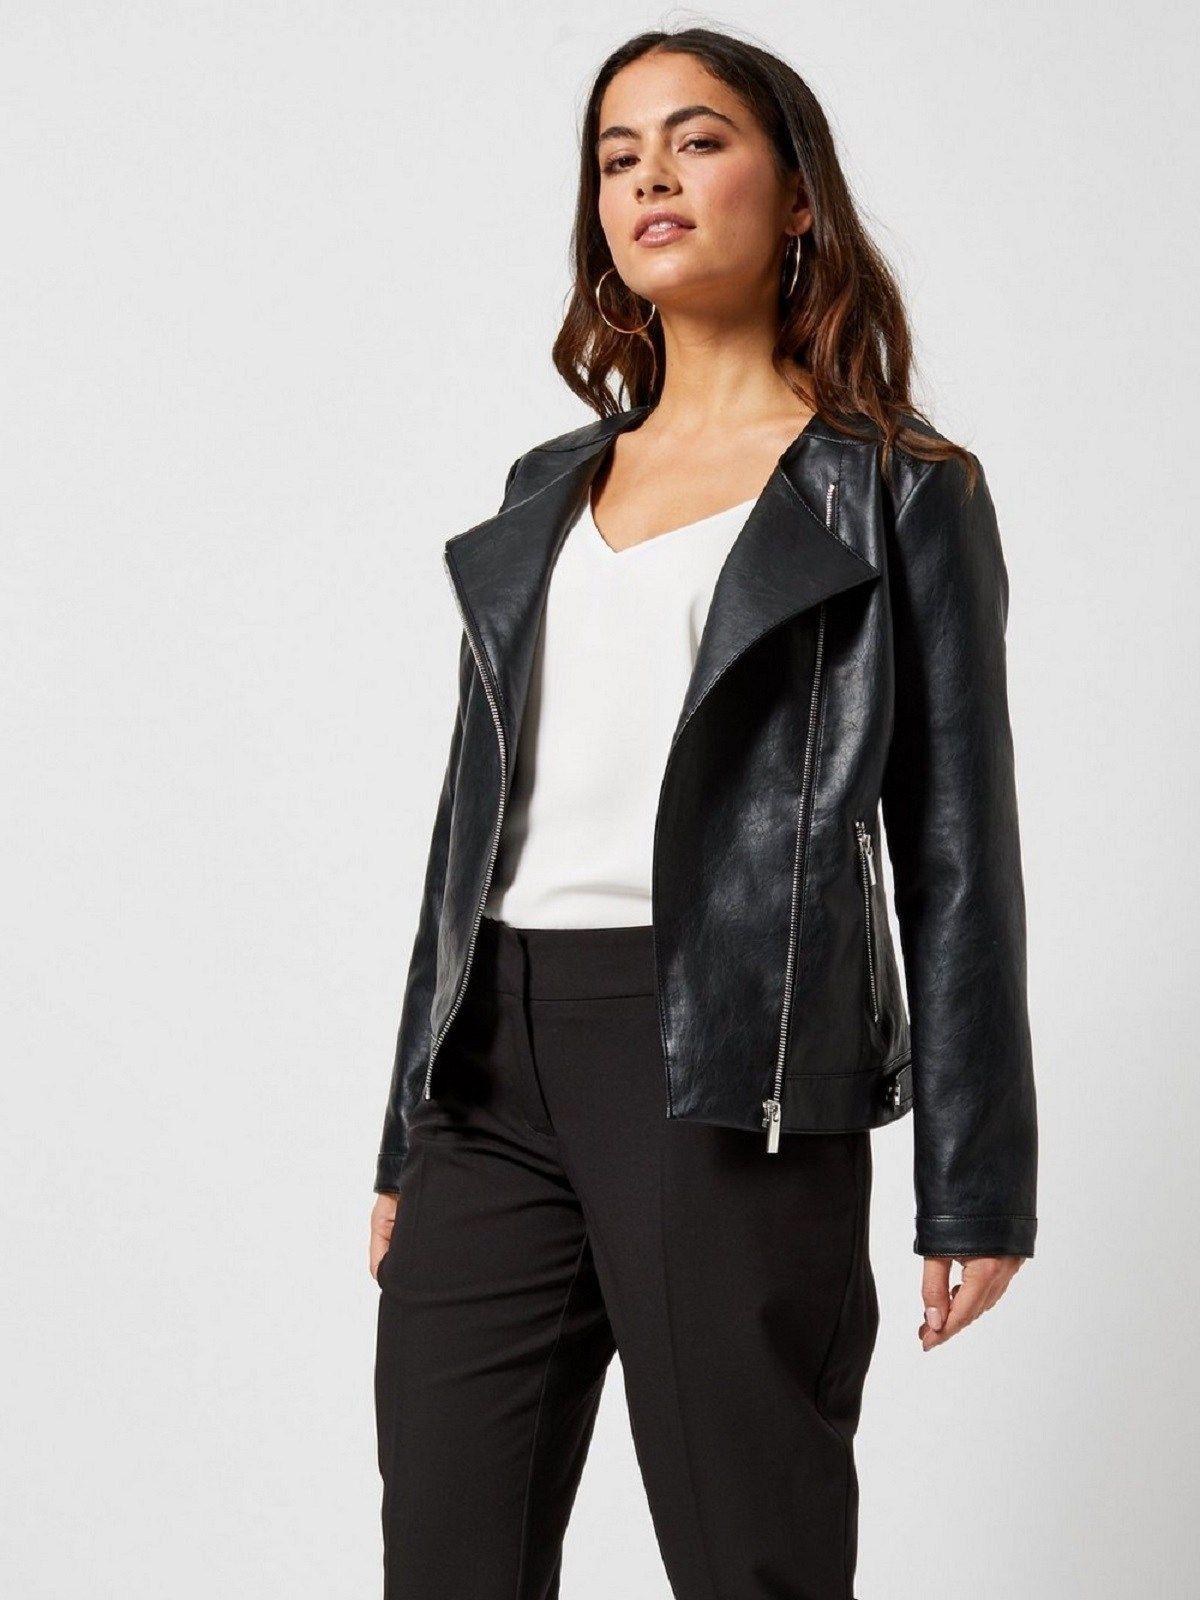 Women S Petite Black Leather Jacket Women Jacket Mauvetree Leather Jackets Women Womens Black Leather Jacket Leather Jacket [ 1600 x 1200 Pixel ]